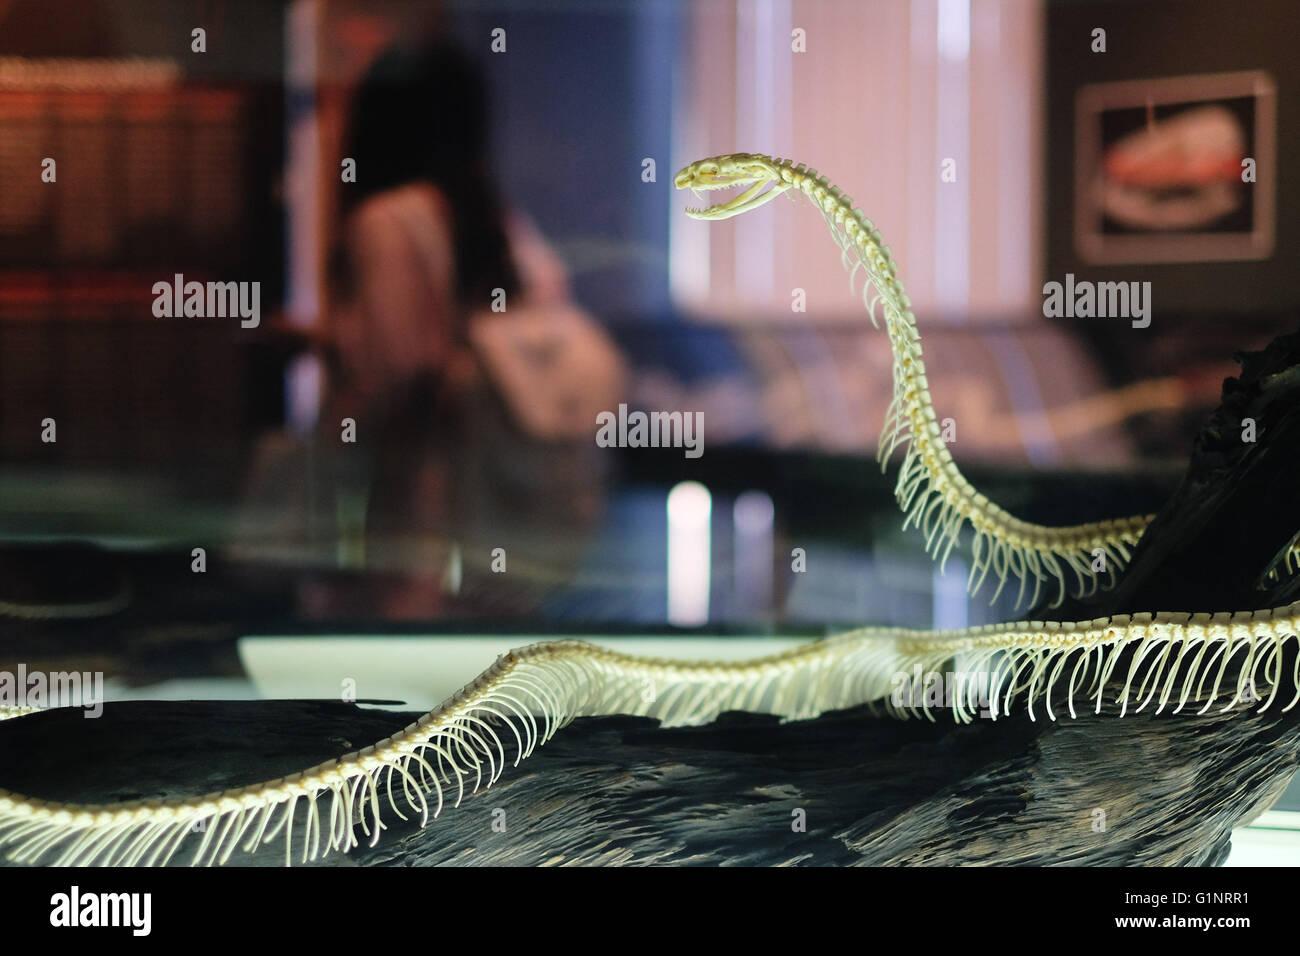 Bangkok, Thaïlande. 17 mai, 2016. Un serpent squelette spécimen est exposé au Queen Saovabha Memorial Institute's snake museum à Bangkok, Thaïlande, le 17 mai 2016. Fondée en 1922, la Reine Saovabha Memorial Institute est un organisme de recherche majeur en Thaïlande qui se spécialise dans la rage et les toxines animales. À l'institute's snake museum, les visiteurs pourront voir des dizaines de non-venimeux serpent venimeux et races ainsi qu'apprendre les traitements d'urgence pour les morsures de serpent. © Li Mangmang/Xinhua/Alamy Live News Banque D'Images